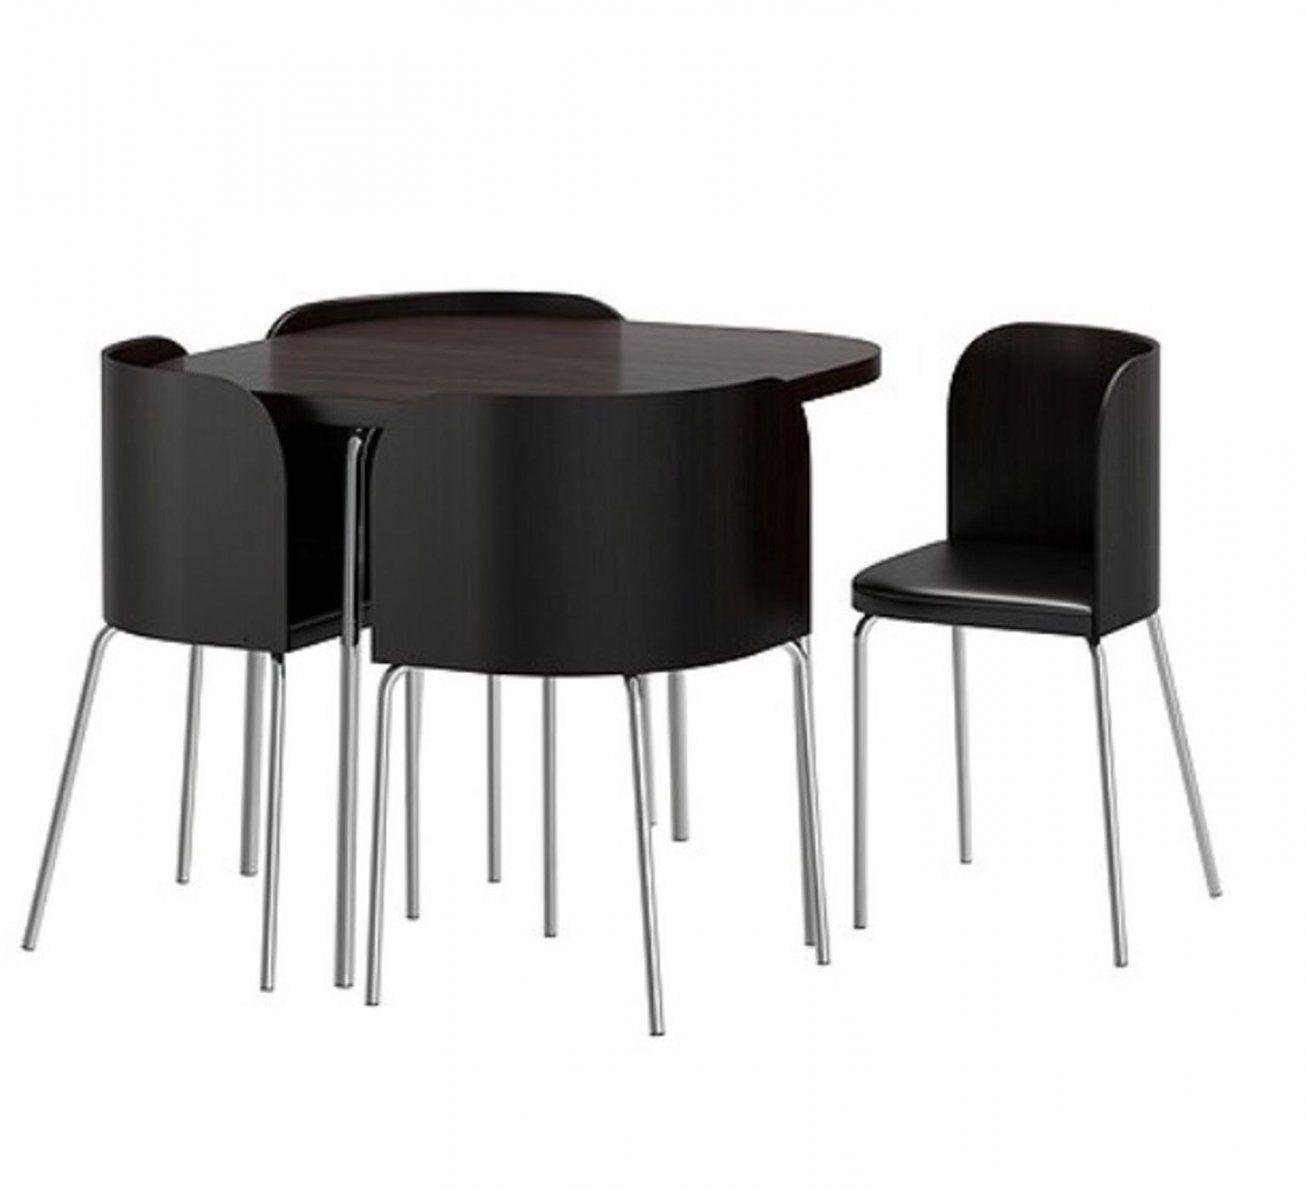 Esstisch Stühle Ikea Elegant Bistrotisch Und Sta¼Hle Ikea Tolles von Tisch Und Stühle Gebraucht Photo